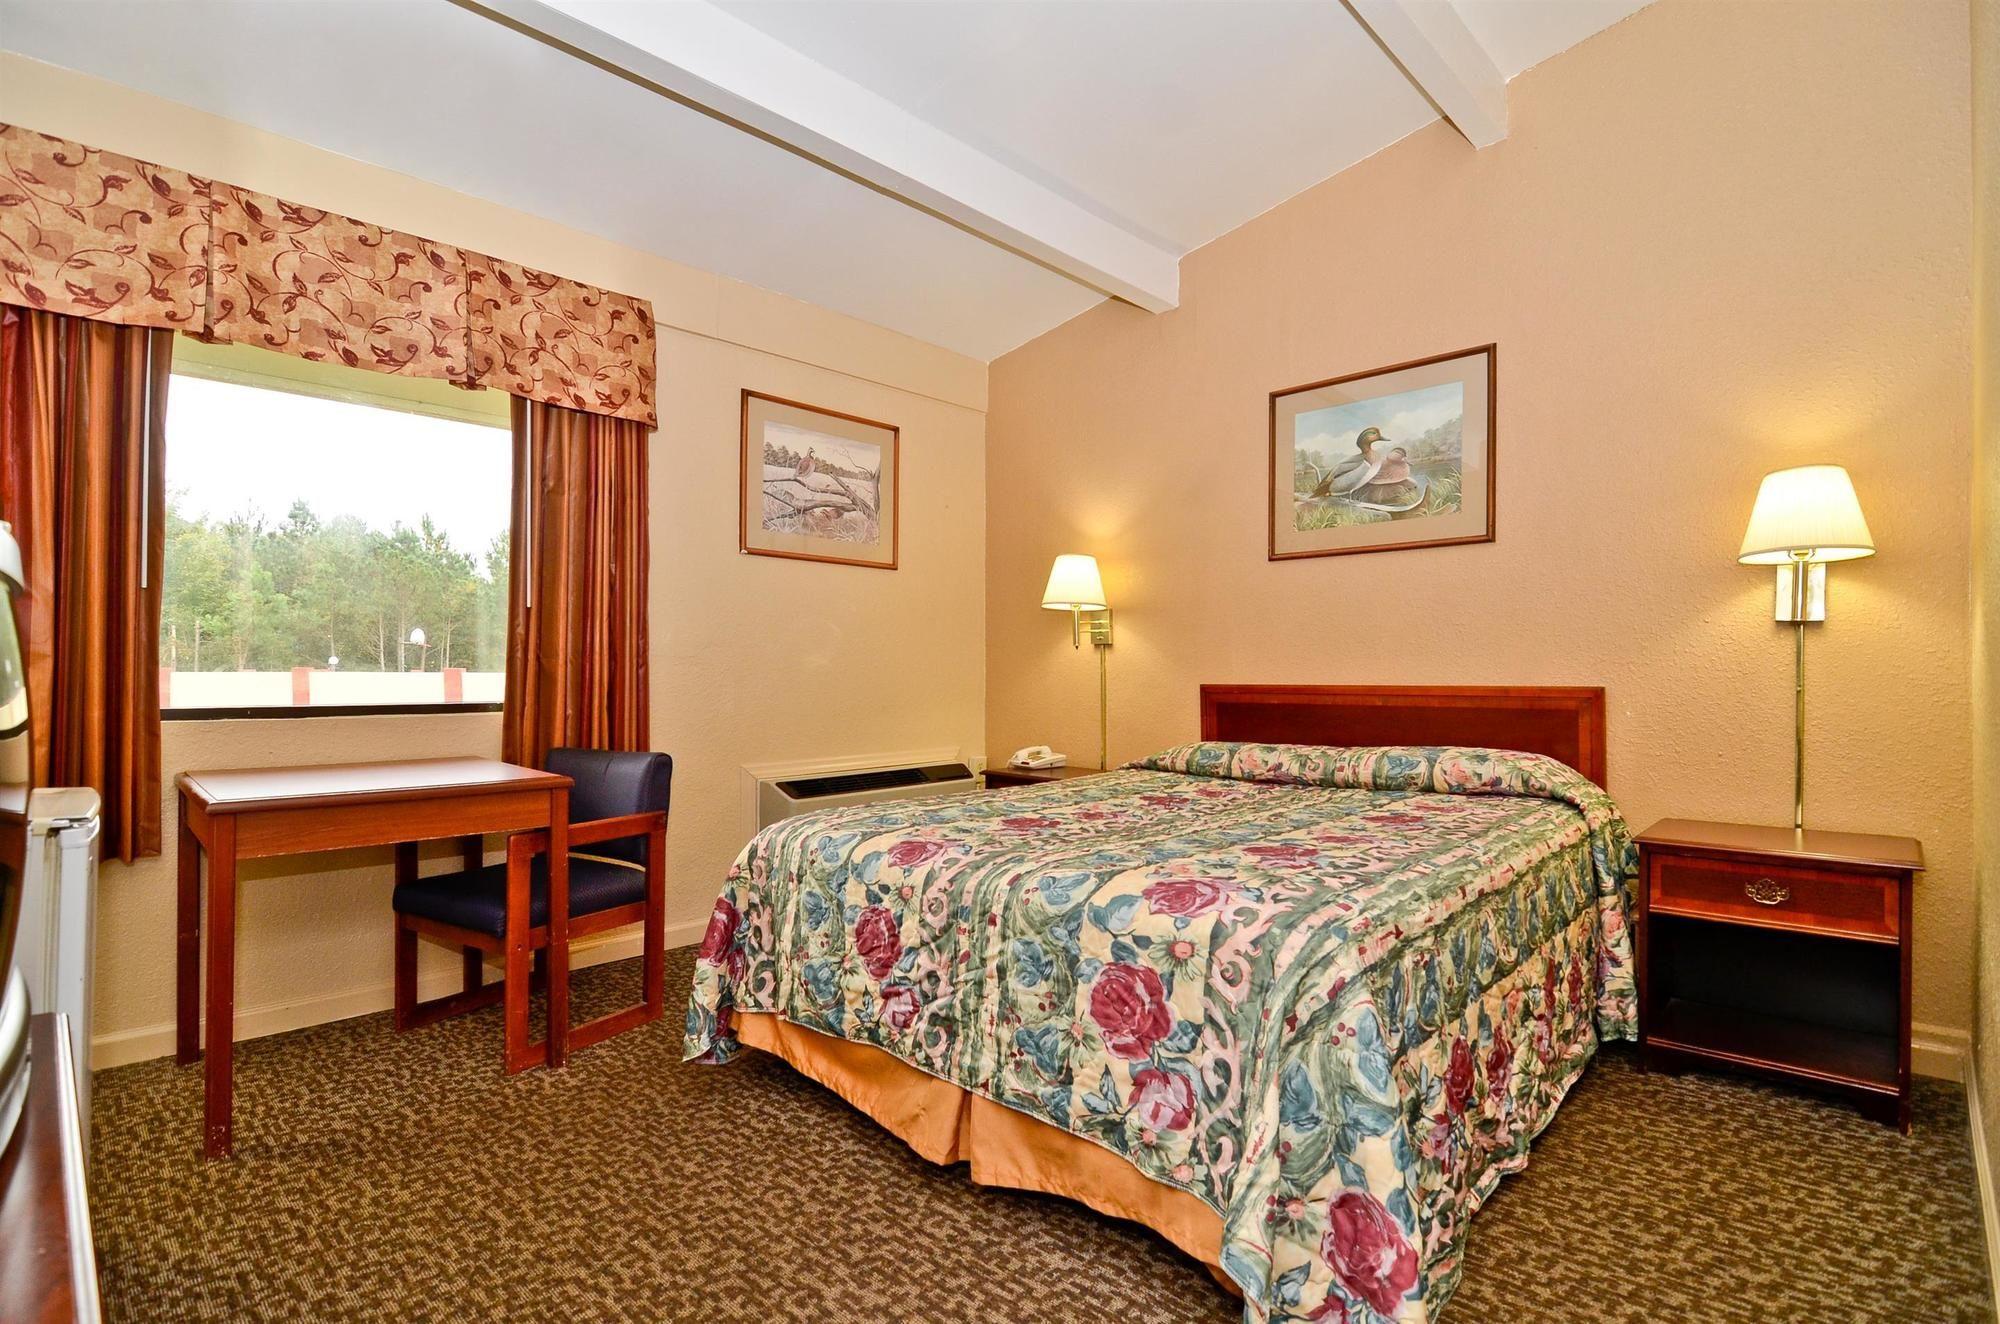 Americas Best Value Inn in Smithfield, NC